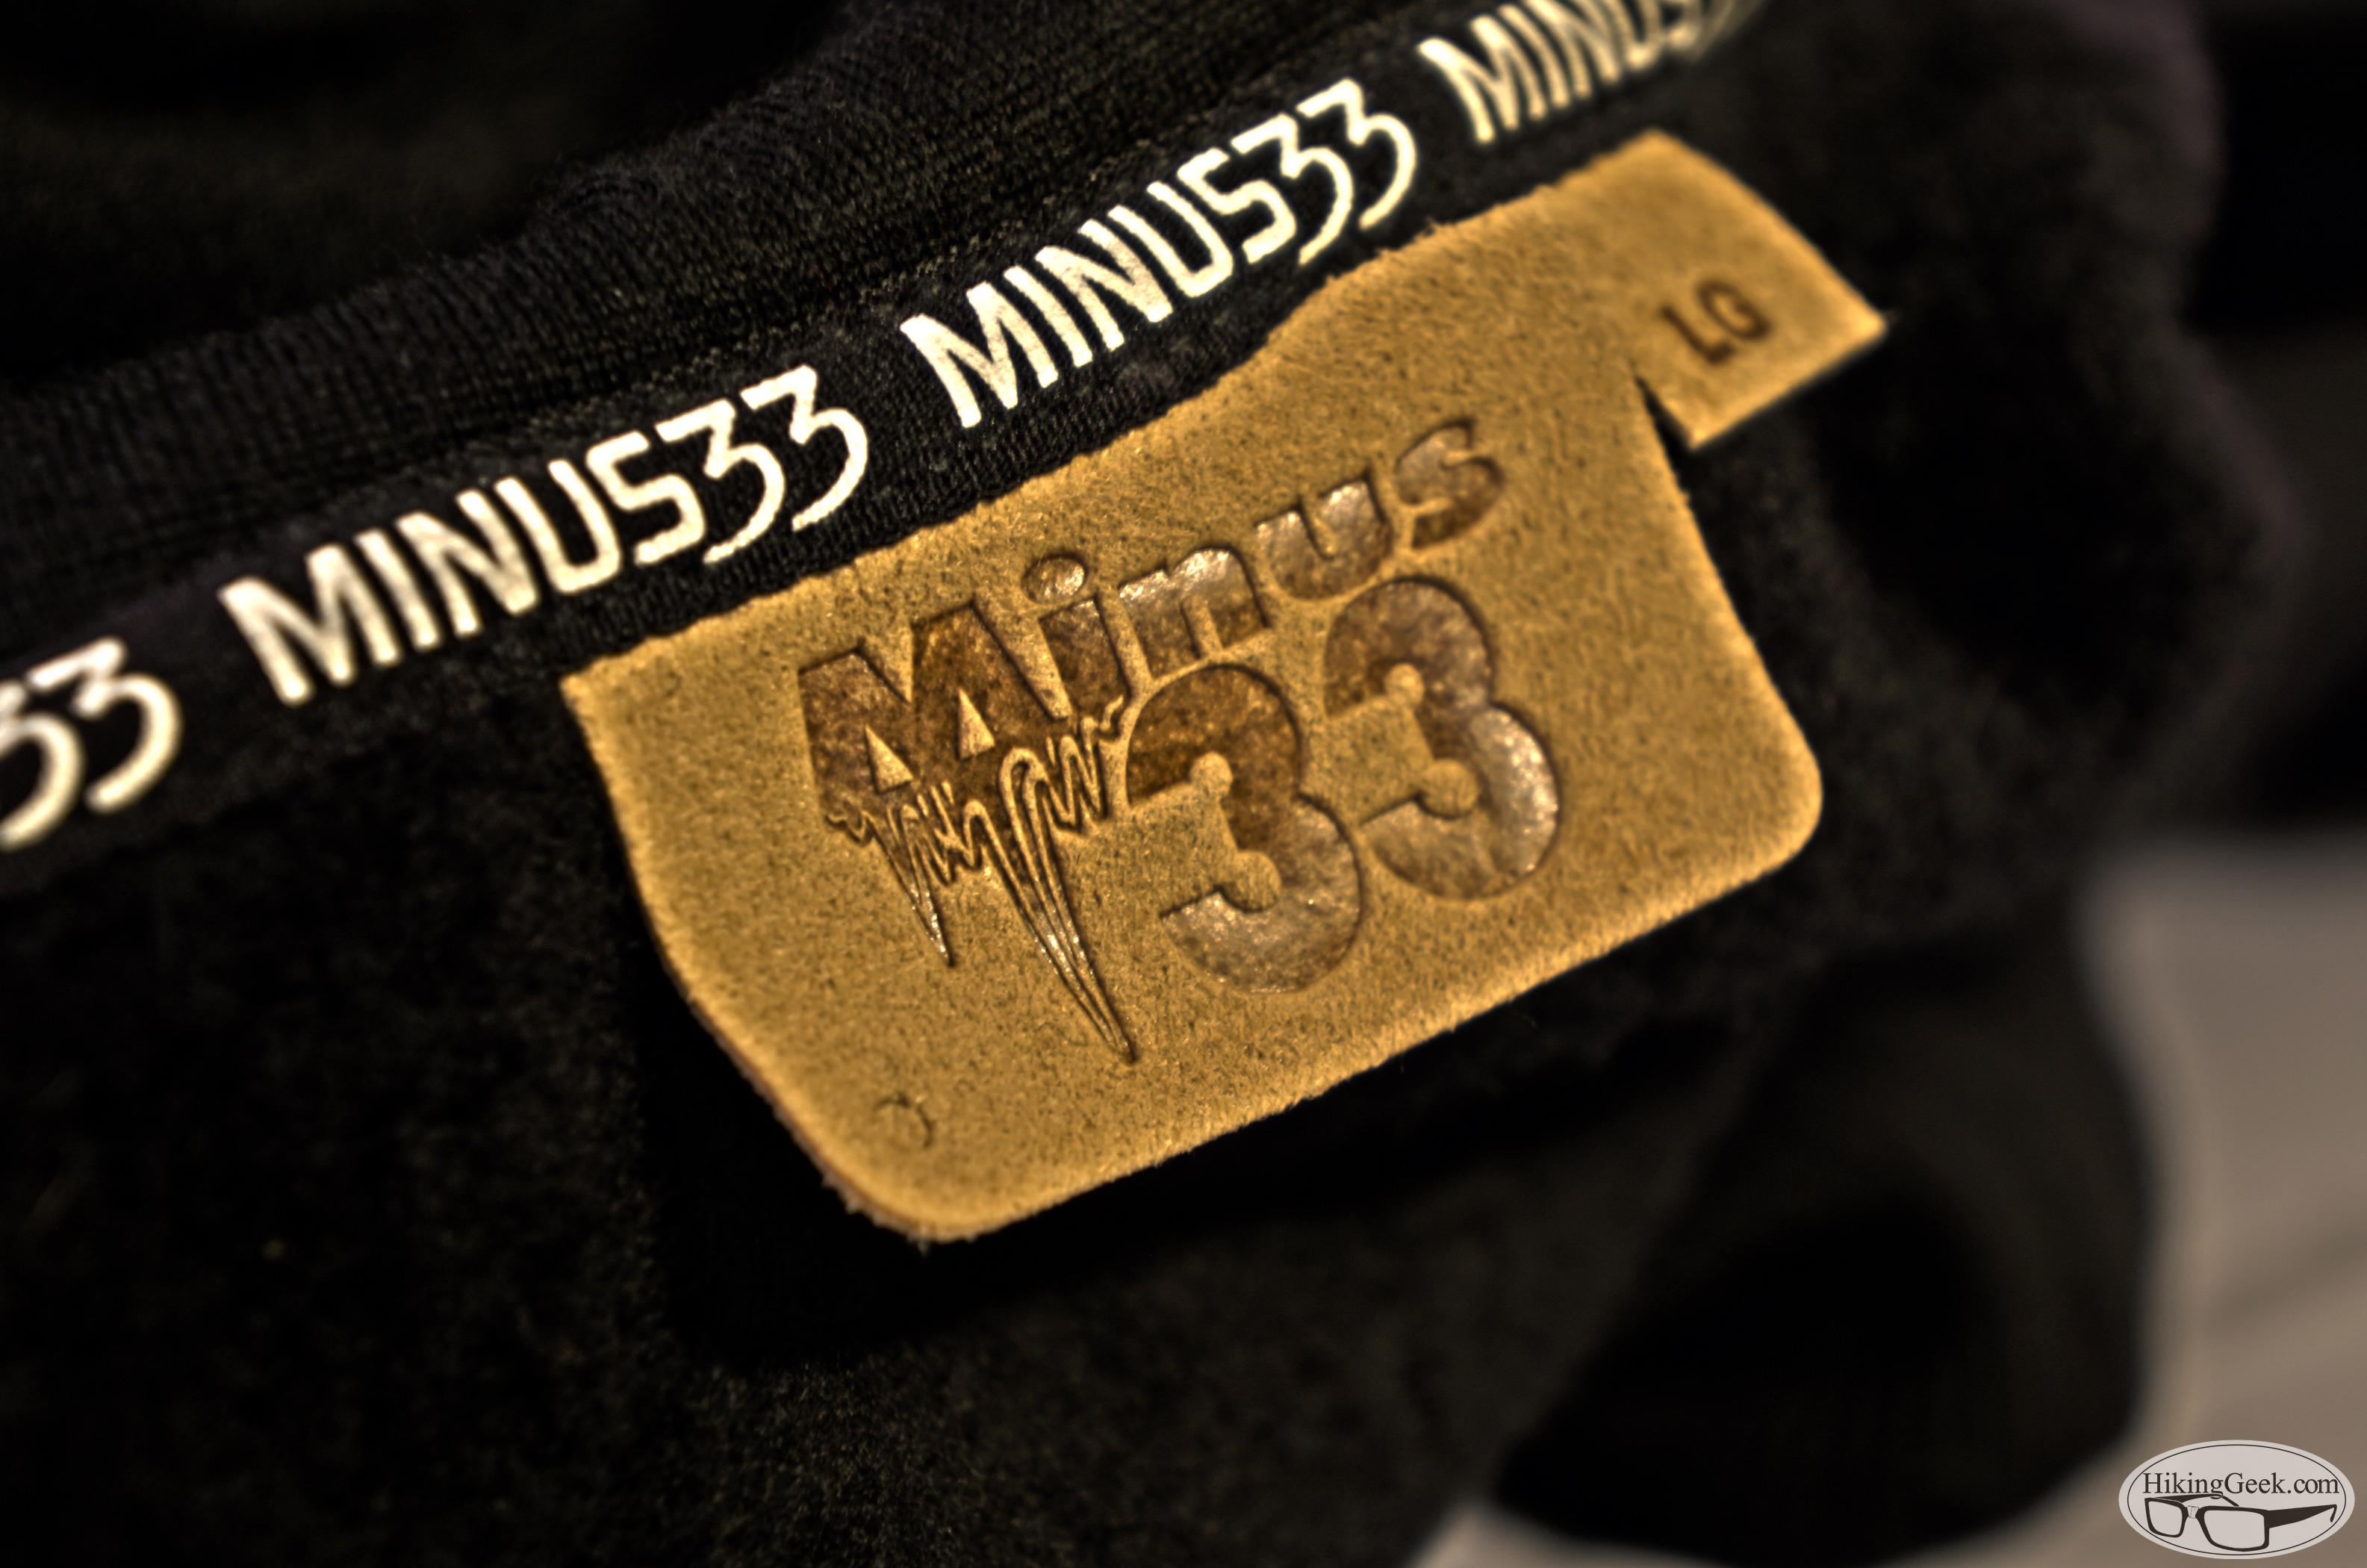 Under Review: Minus33 Merino Wool – Kodiak Expedition Full Zip Hoody & Day Hiker Socks